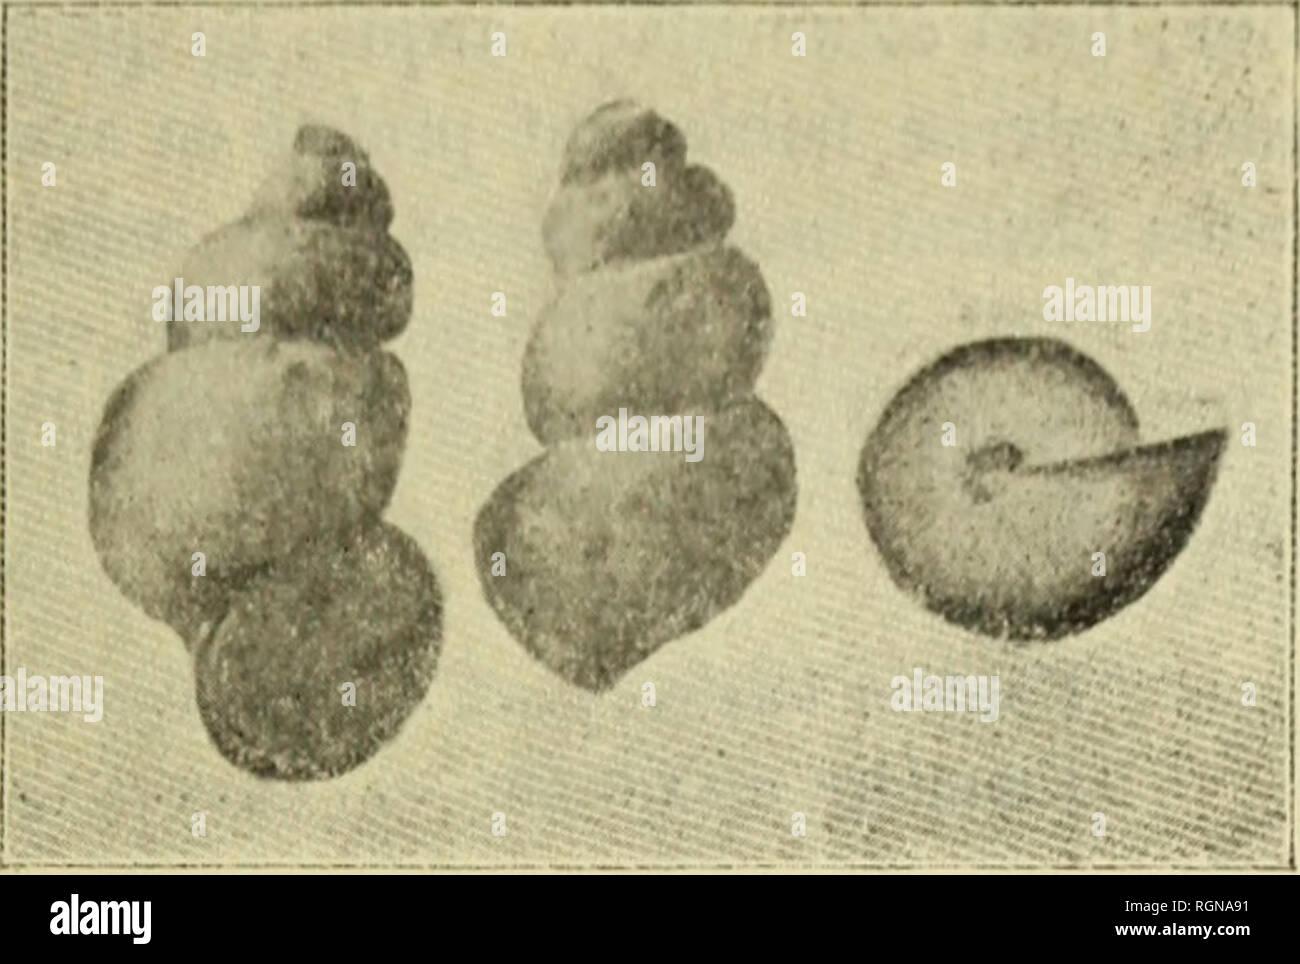 """. Bulletin du MuseÌum d'histoire naturelle. Historia natural. m) â plus (''lroil('- ;i ])liis spire Le Ihjlliiiicllu Padiraci pÂ""""'ul (^(rr iiij) iimli})(ii /icjjlcr ( ; l'en un is jnal(^ uolamincnl, les tlaiis (Ic'parlcninnls (!(Â"""" ; par : IkuiIo avec nii iour de plus; par sa croissanco más r(3[j'u- lièrf, ])lus j)r0jOT0ssive ; pai' sou dernier Iour proj)orlion- nellement moins haul, etc. Il un plus d'analogie avec le Bythi- nclla gracilis^^ que Ton Irouve dans plusieurs fontaines de rAveyron; mais il s'en sépare : par hijo galbe moiiis étroit, moins haut; par ses tours de chapitel [)lus Foto de stock"""